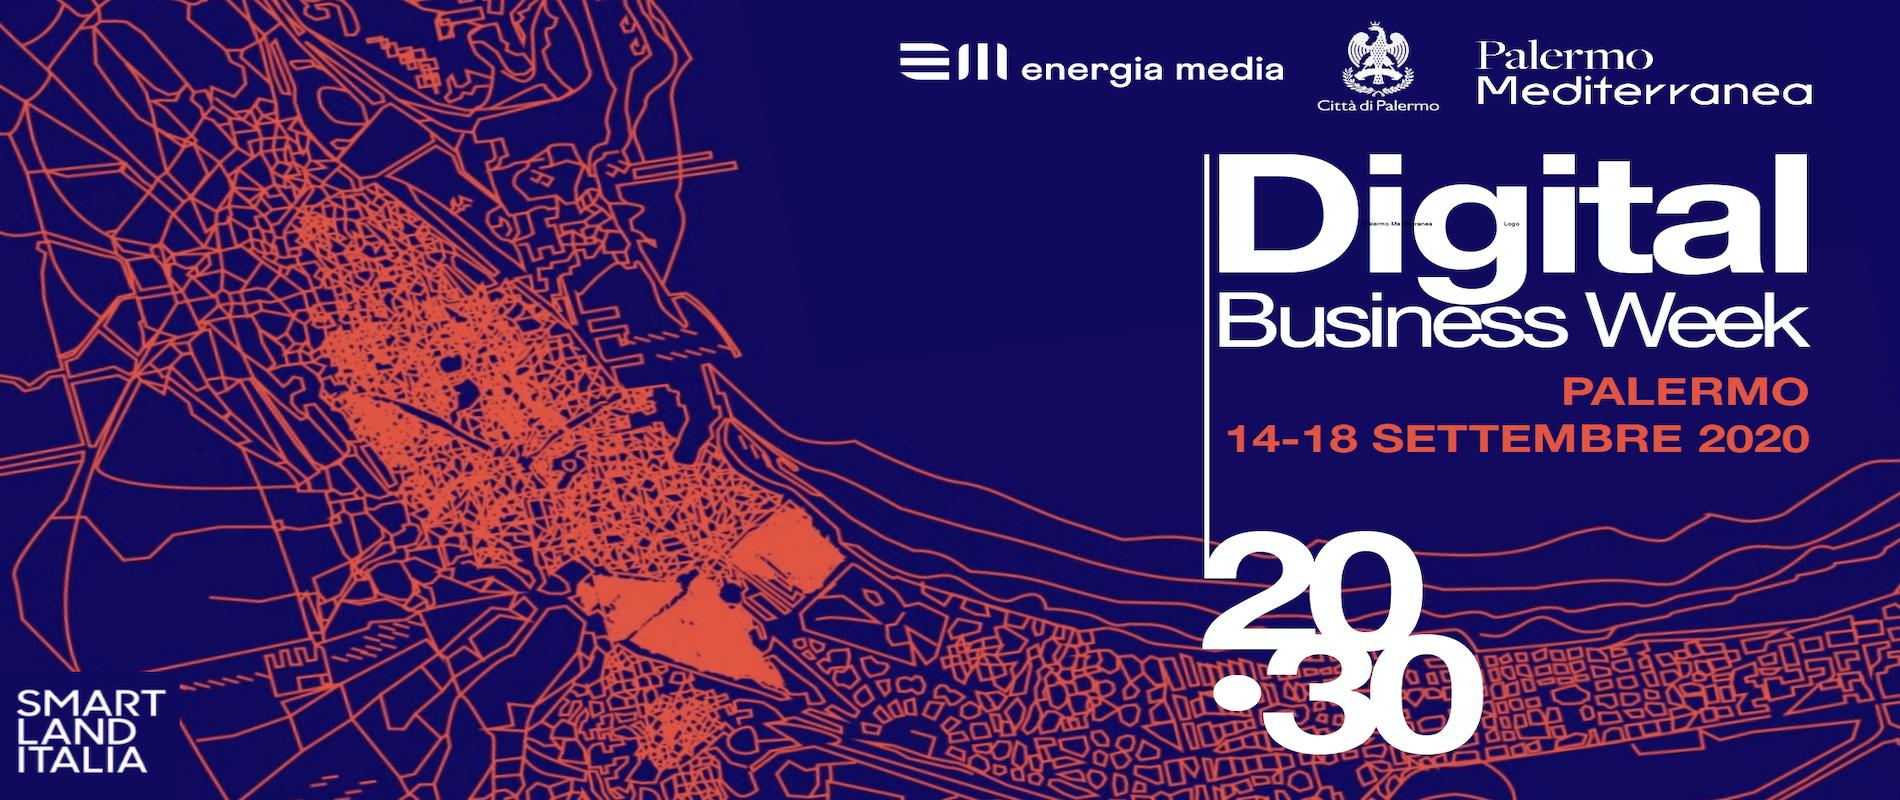 Digital Business Week Palermo 2020